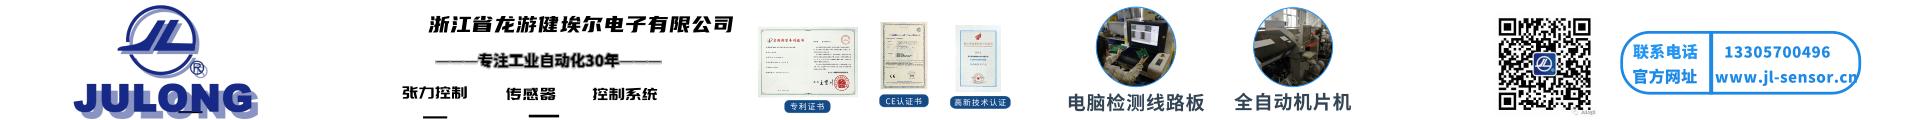 浙江省龍遊健埃爾電子有限公司